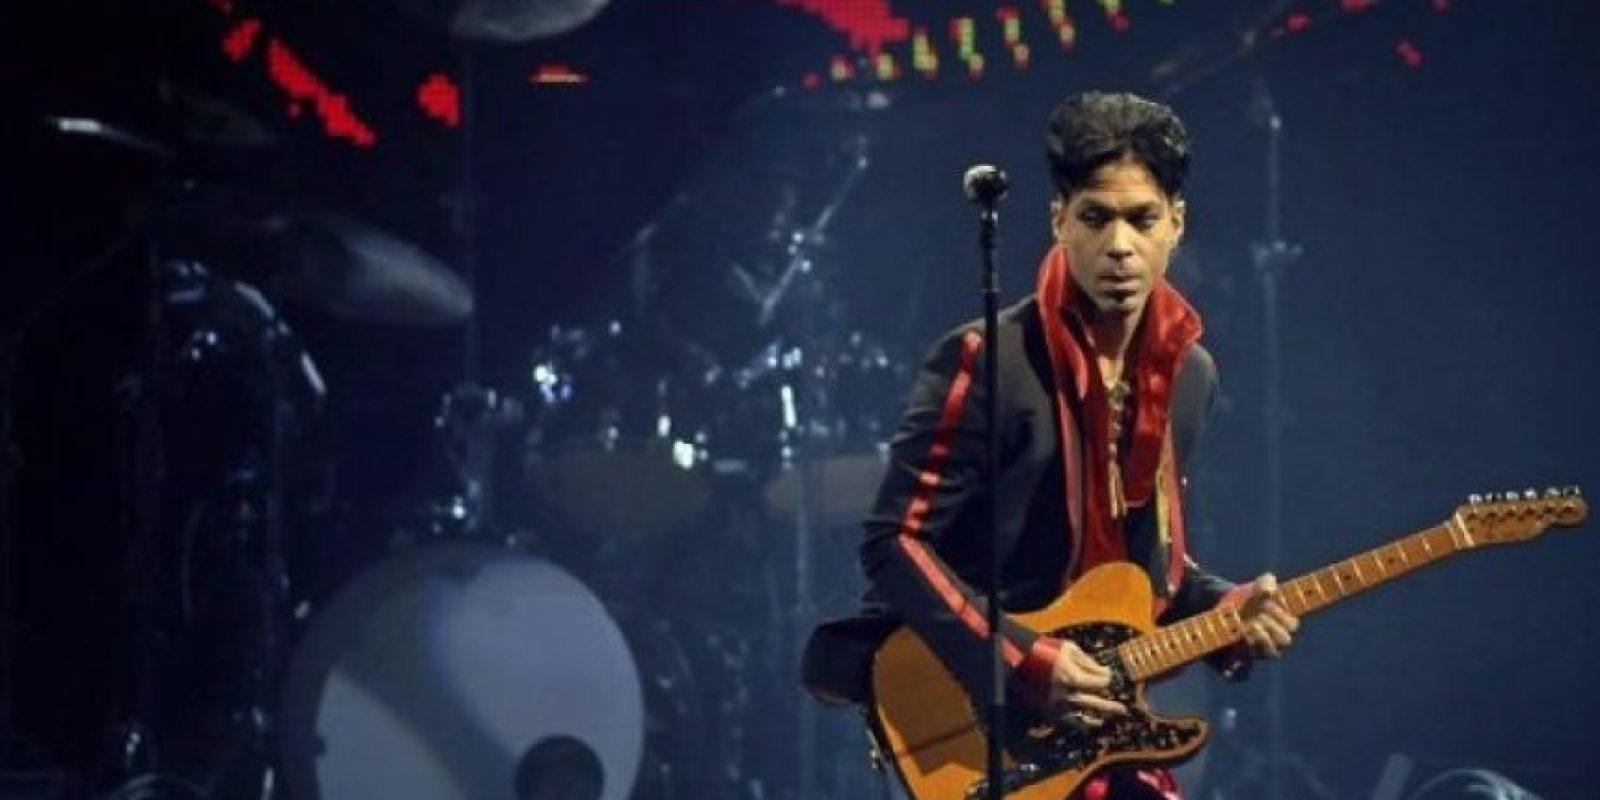 En 2004 Prince ingresó al Salón de la Fama del Rock and Roll Foto:Grosby Group. Imagen Por: